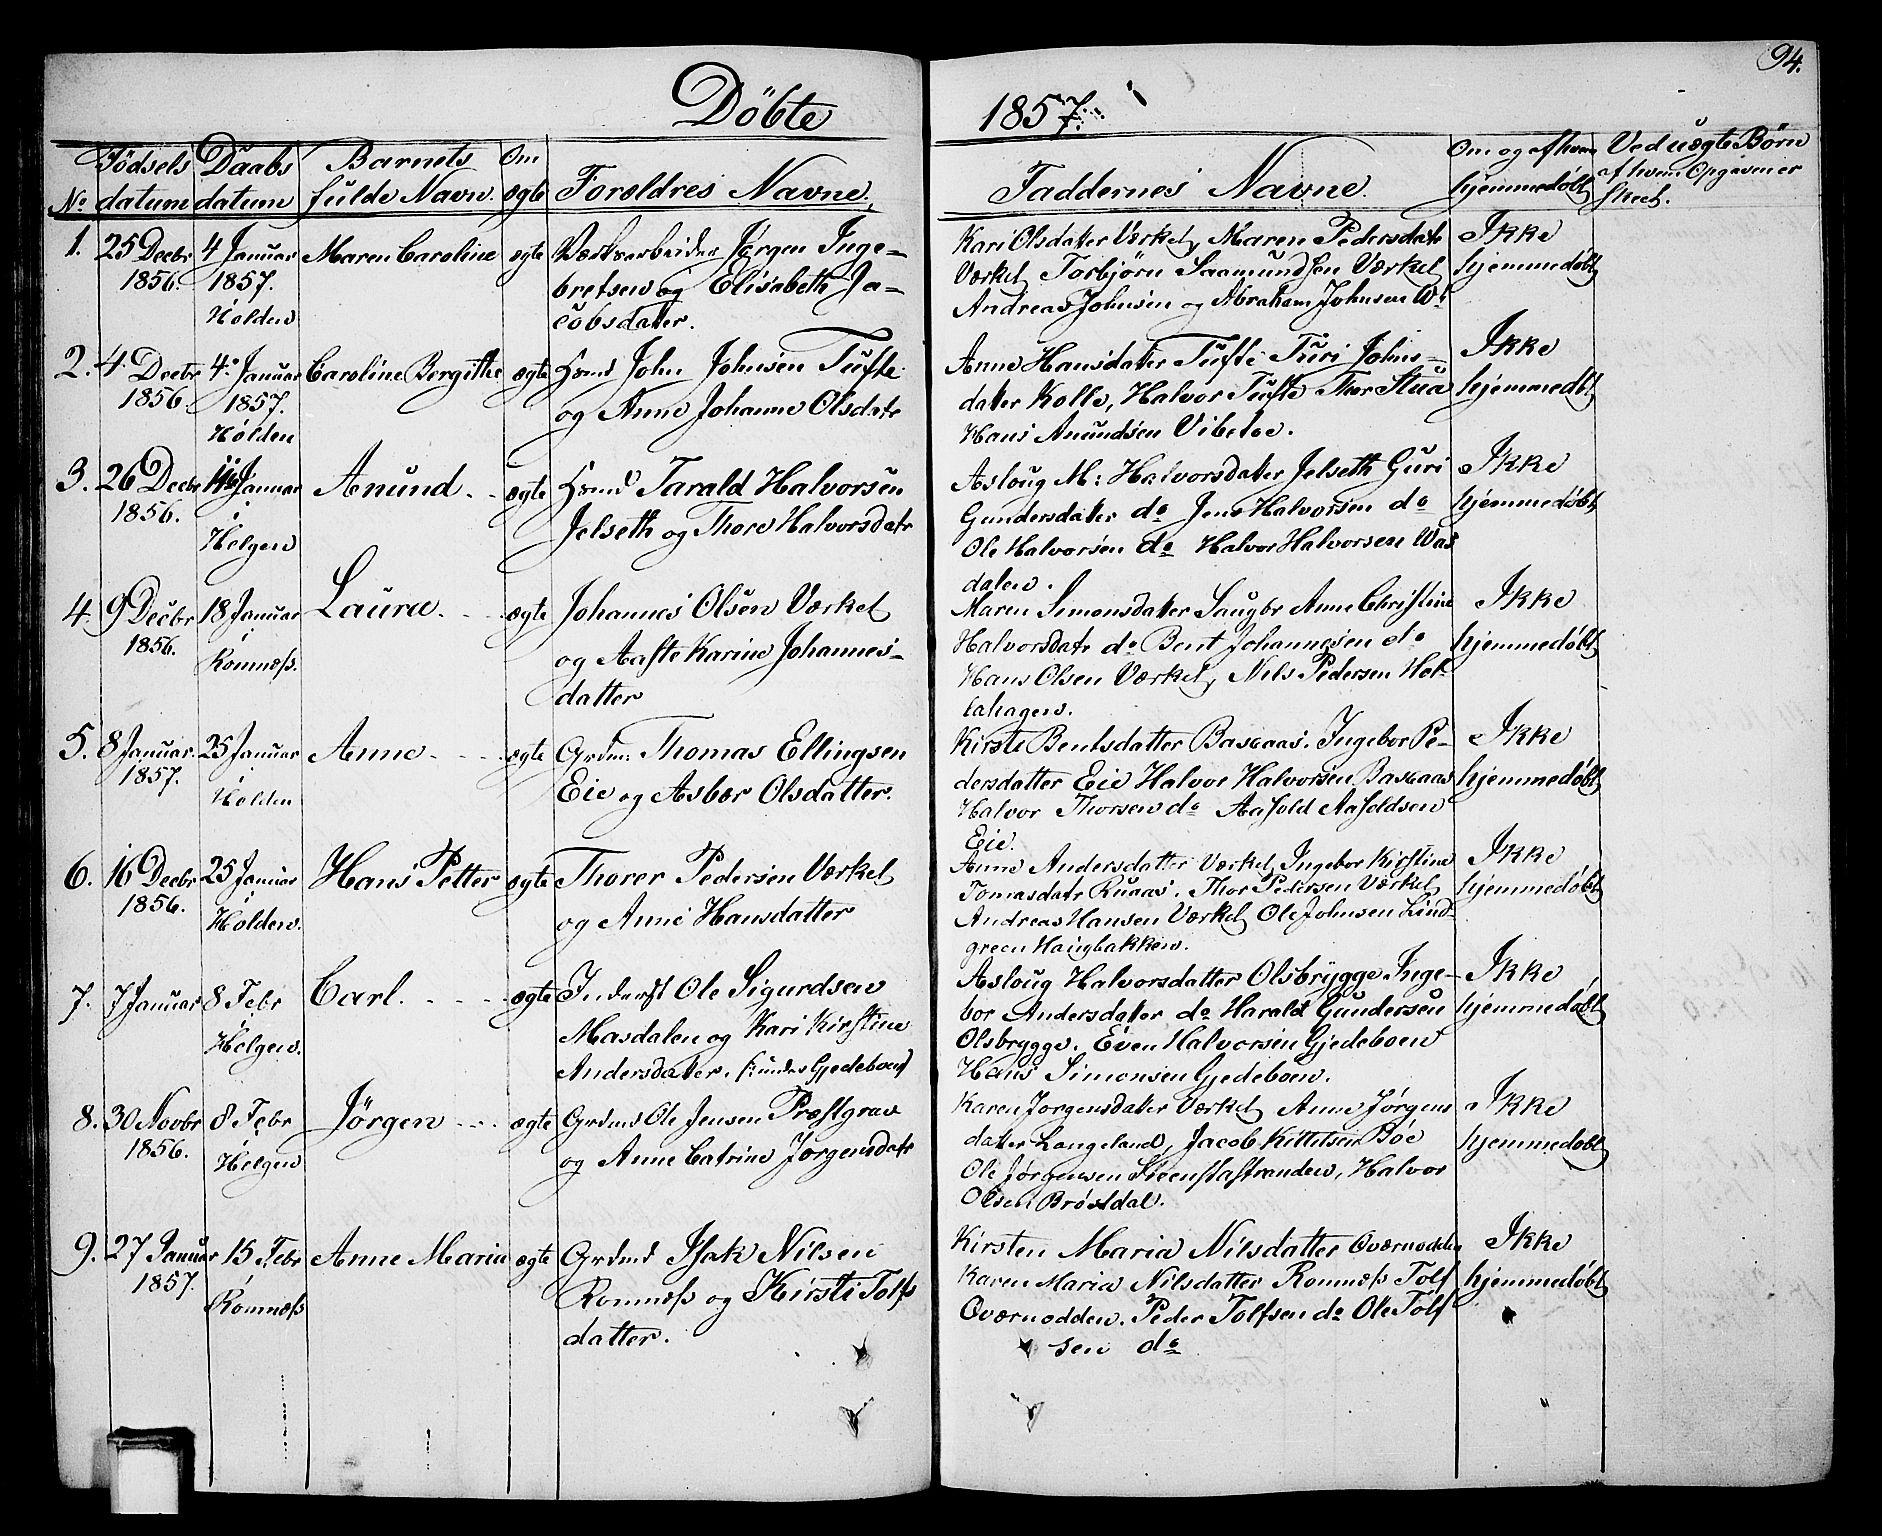 SAKO, Holla kirkebøker, G/Ga/L0003: Klokkerbok nr. I 3, 1849-1866, s. 94